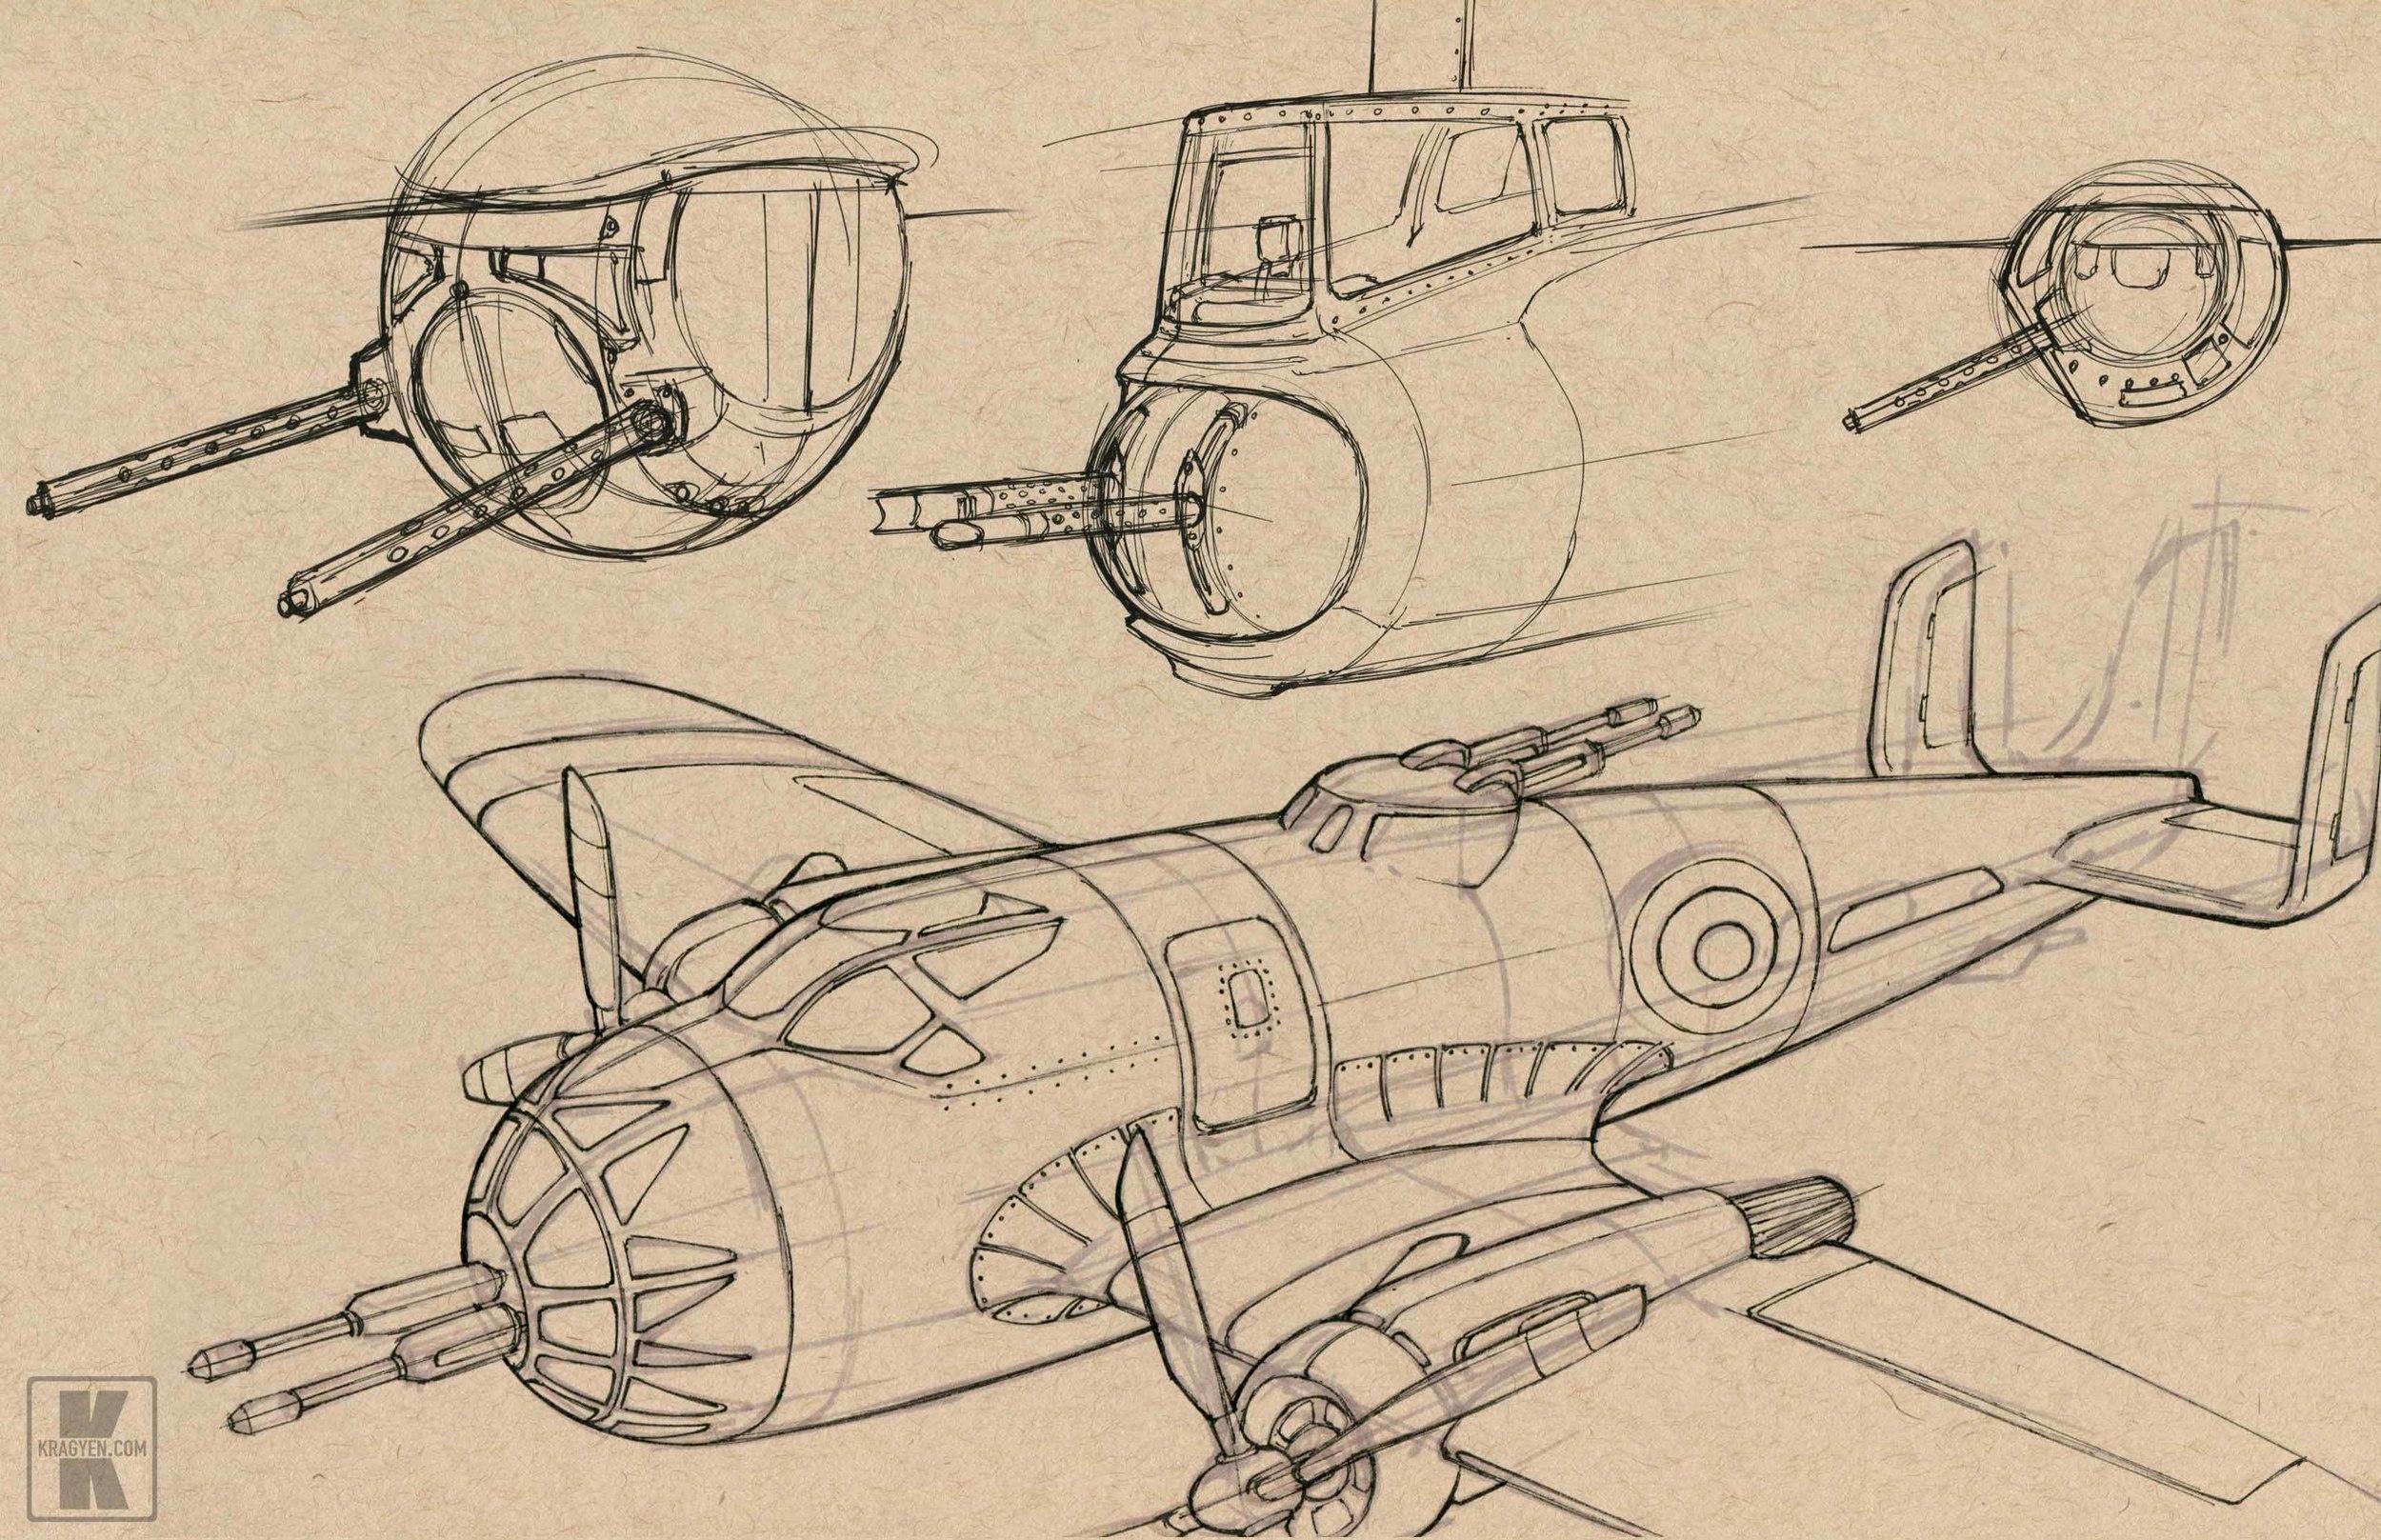 BomberDesign3.jpg